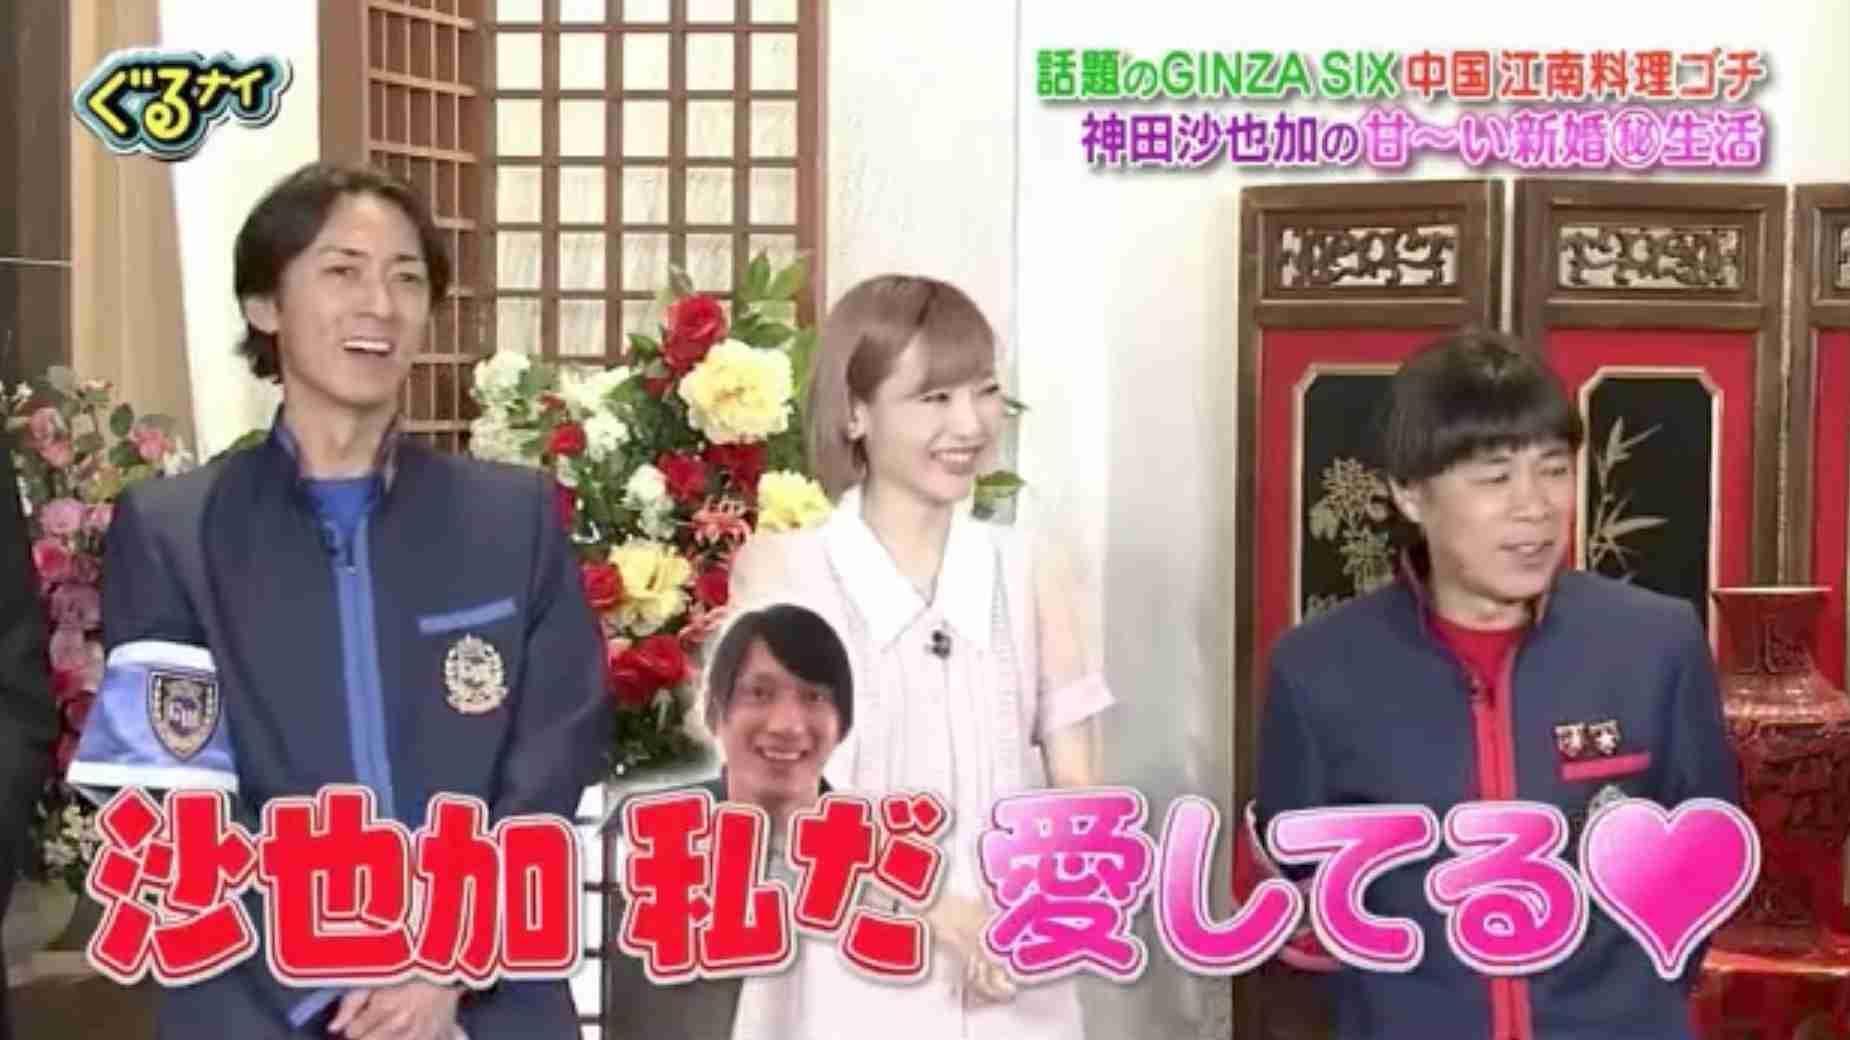 「愛妻家」村田充、妻・神田沙也加への愛つづる「妻がいればそれで良い人生」